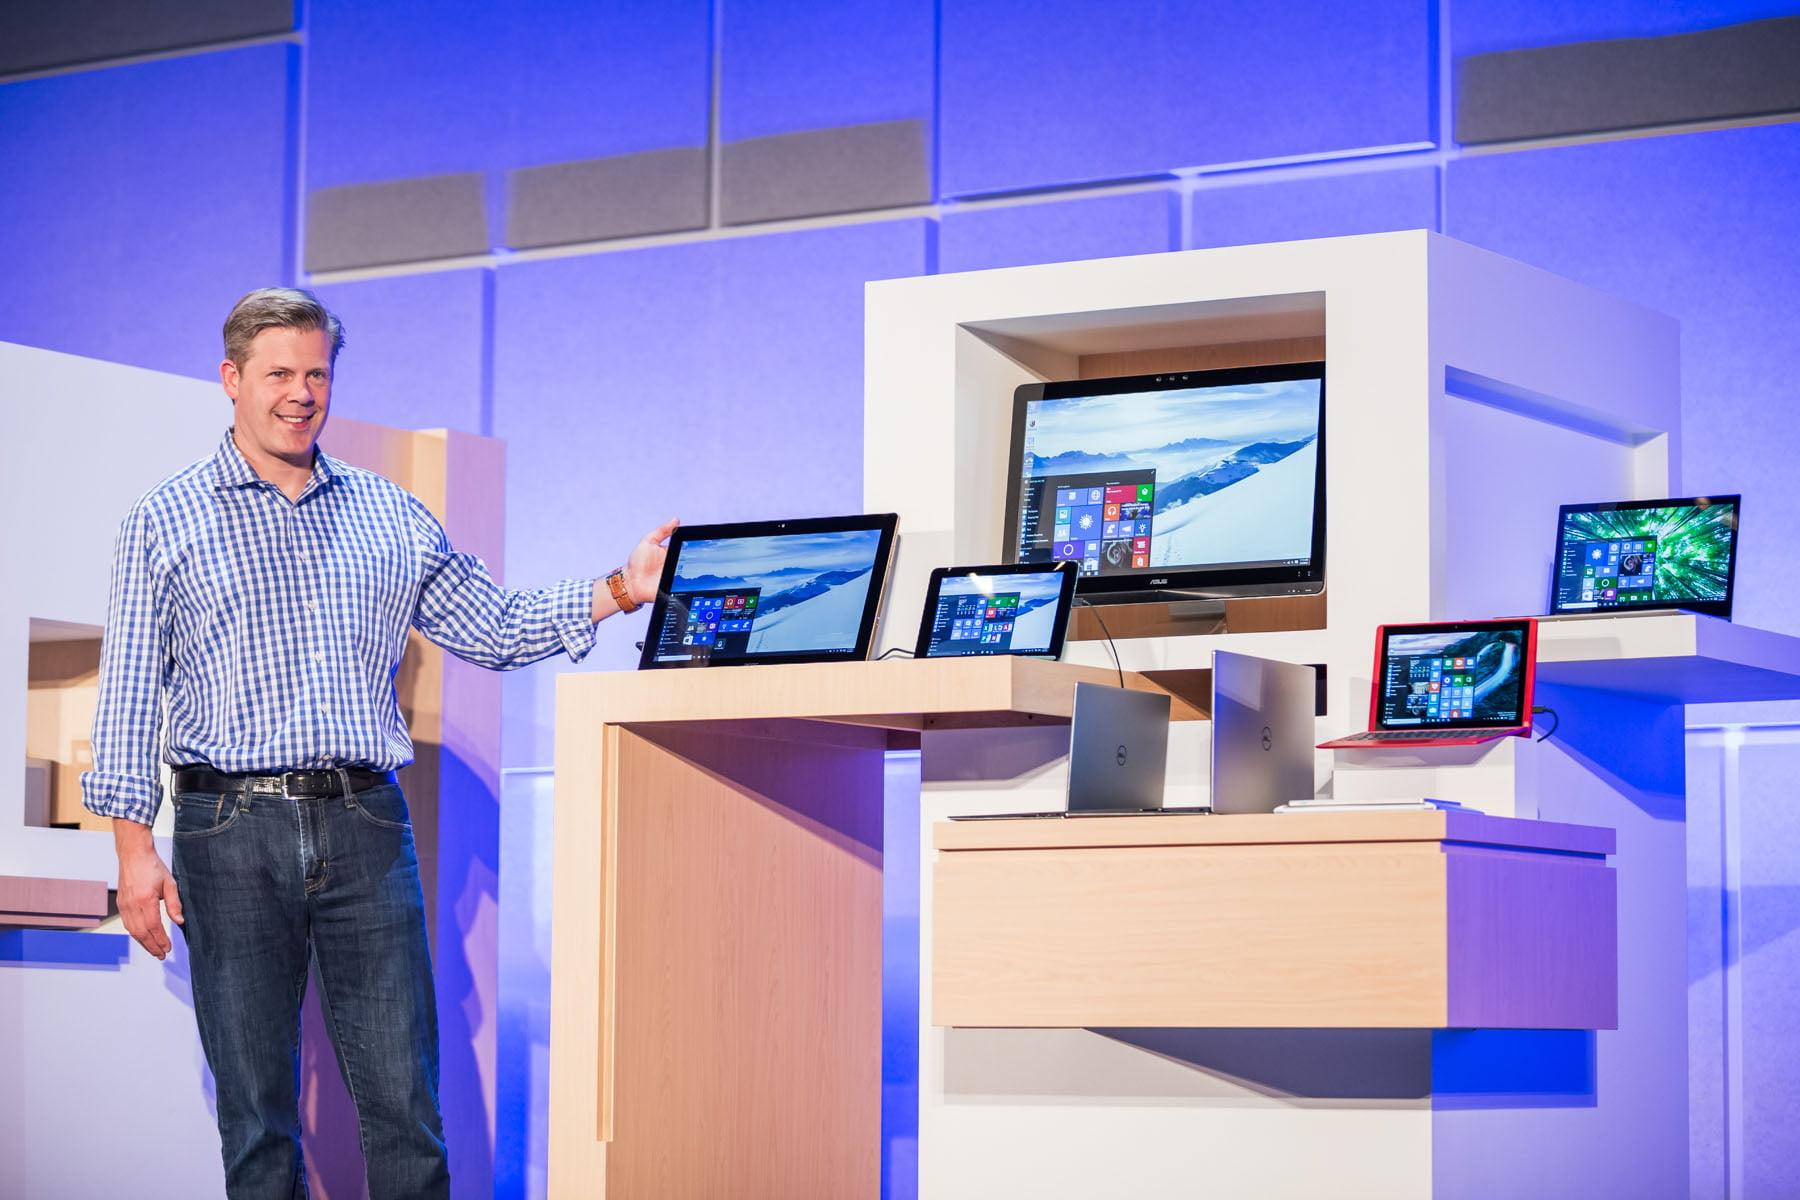 Microsoft espera el apoyo de los partners a Windows 10